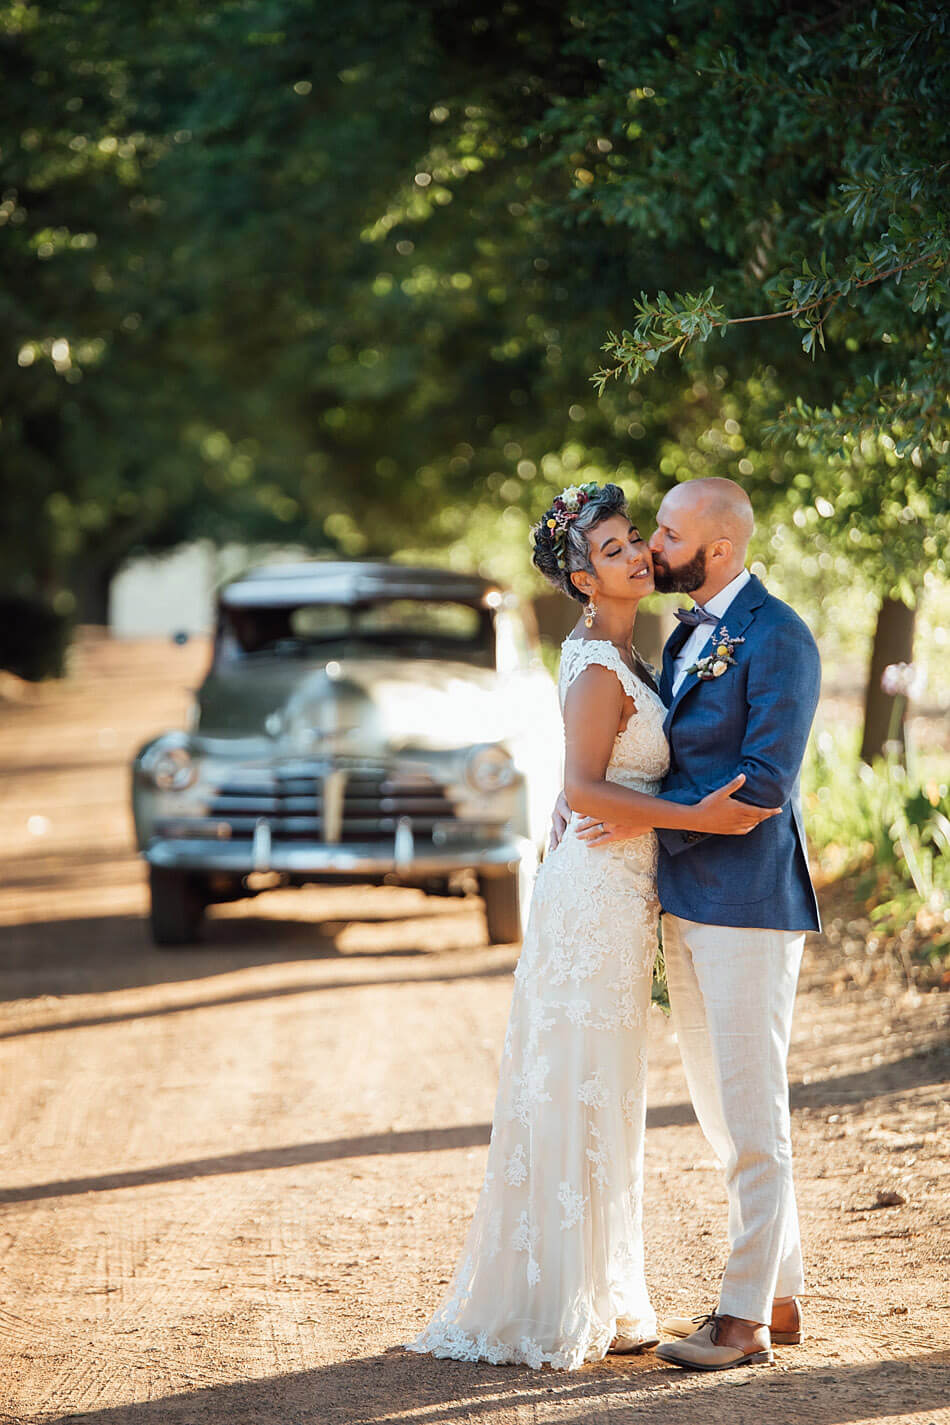 nikki-meyer-cape-town-wedding-phtographer-de-meye-heidi-leonard_111